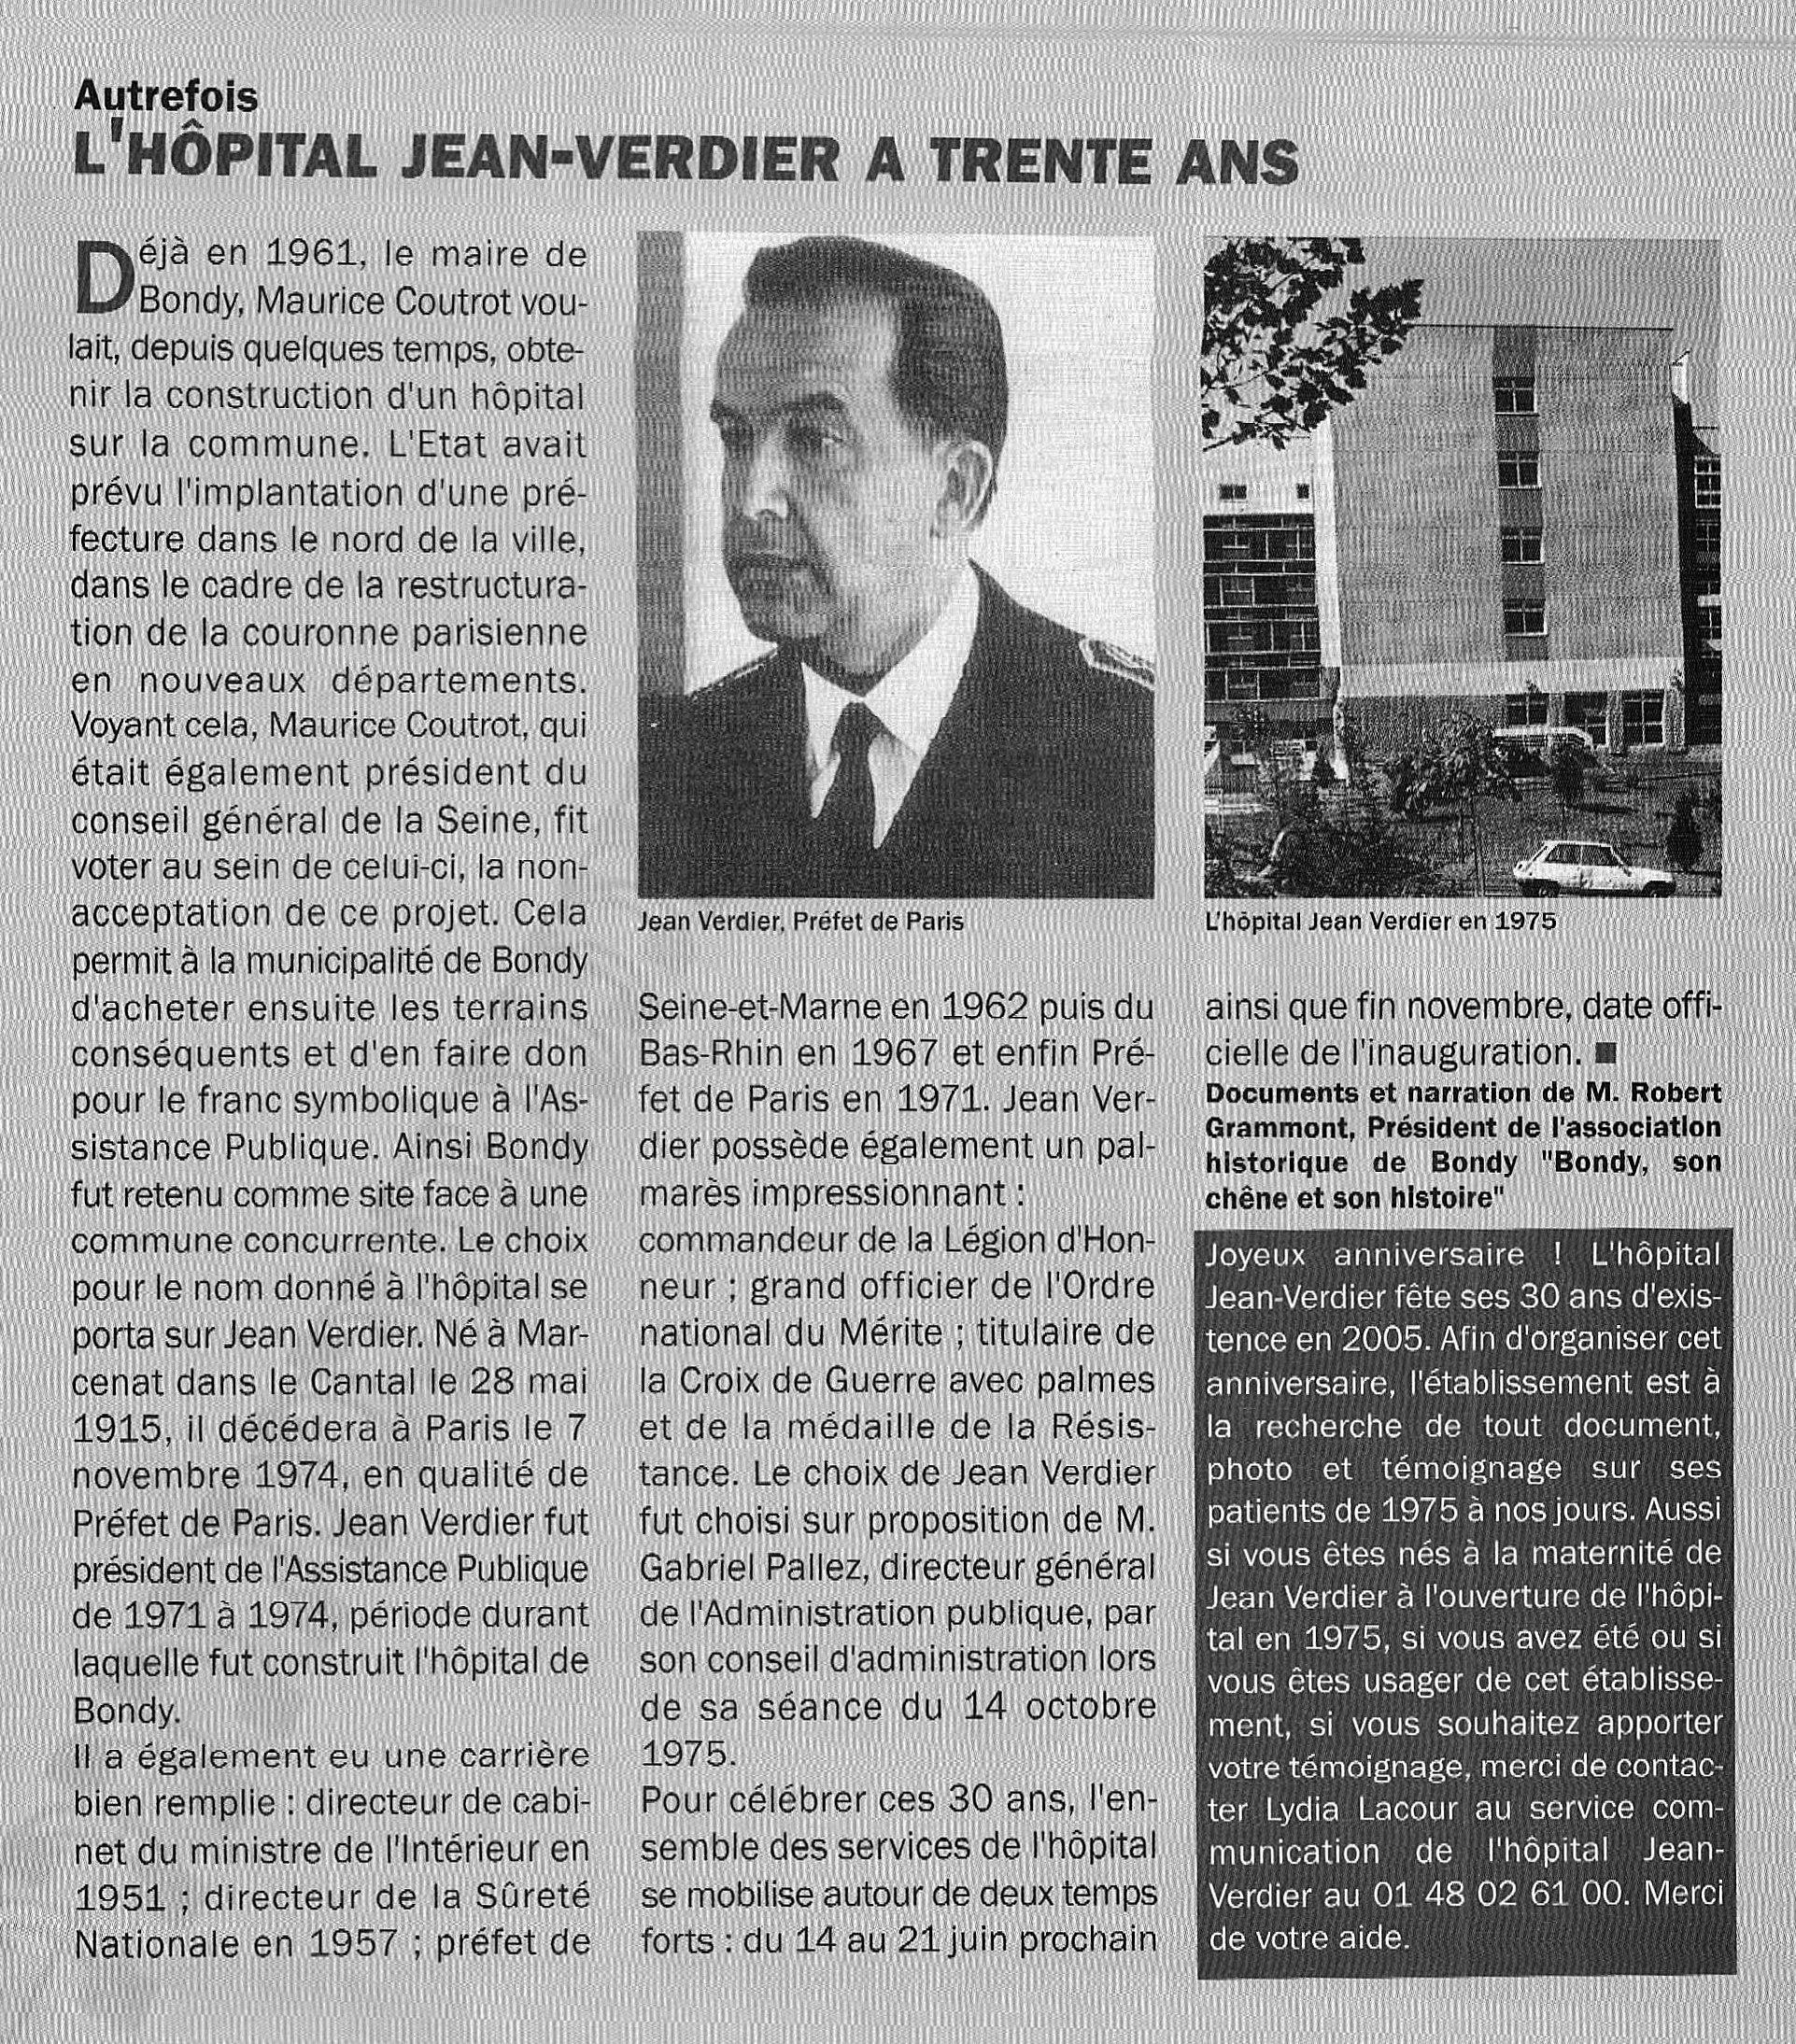 L'Hopital Jean Verdier